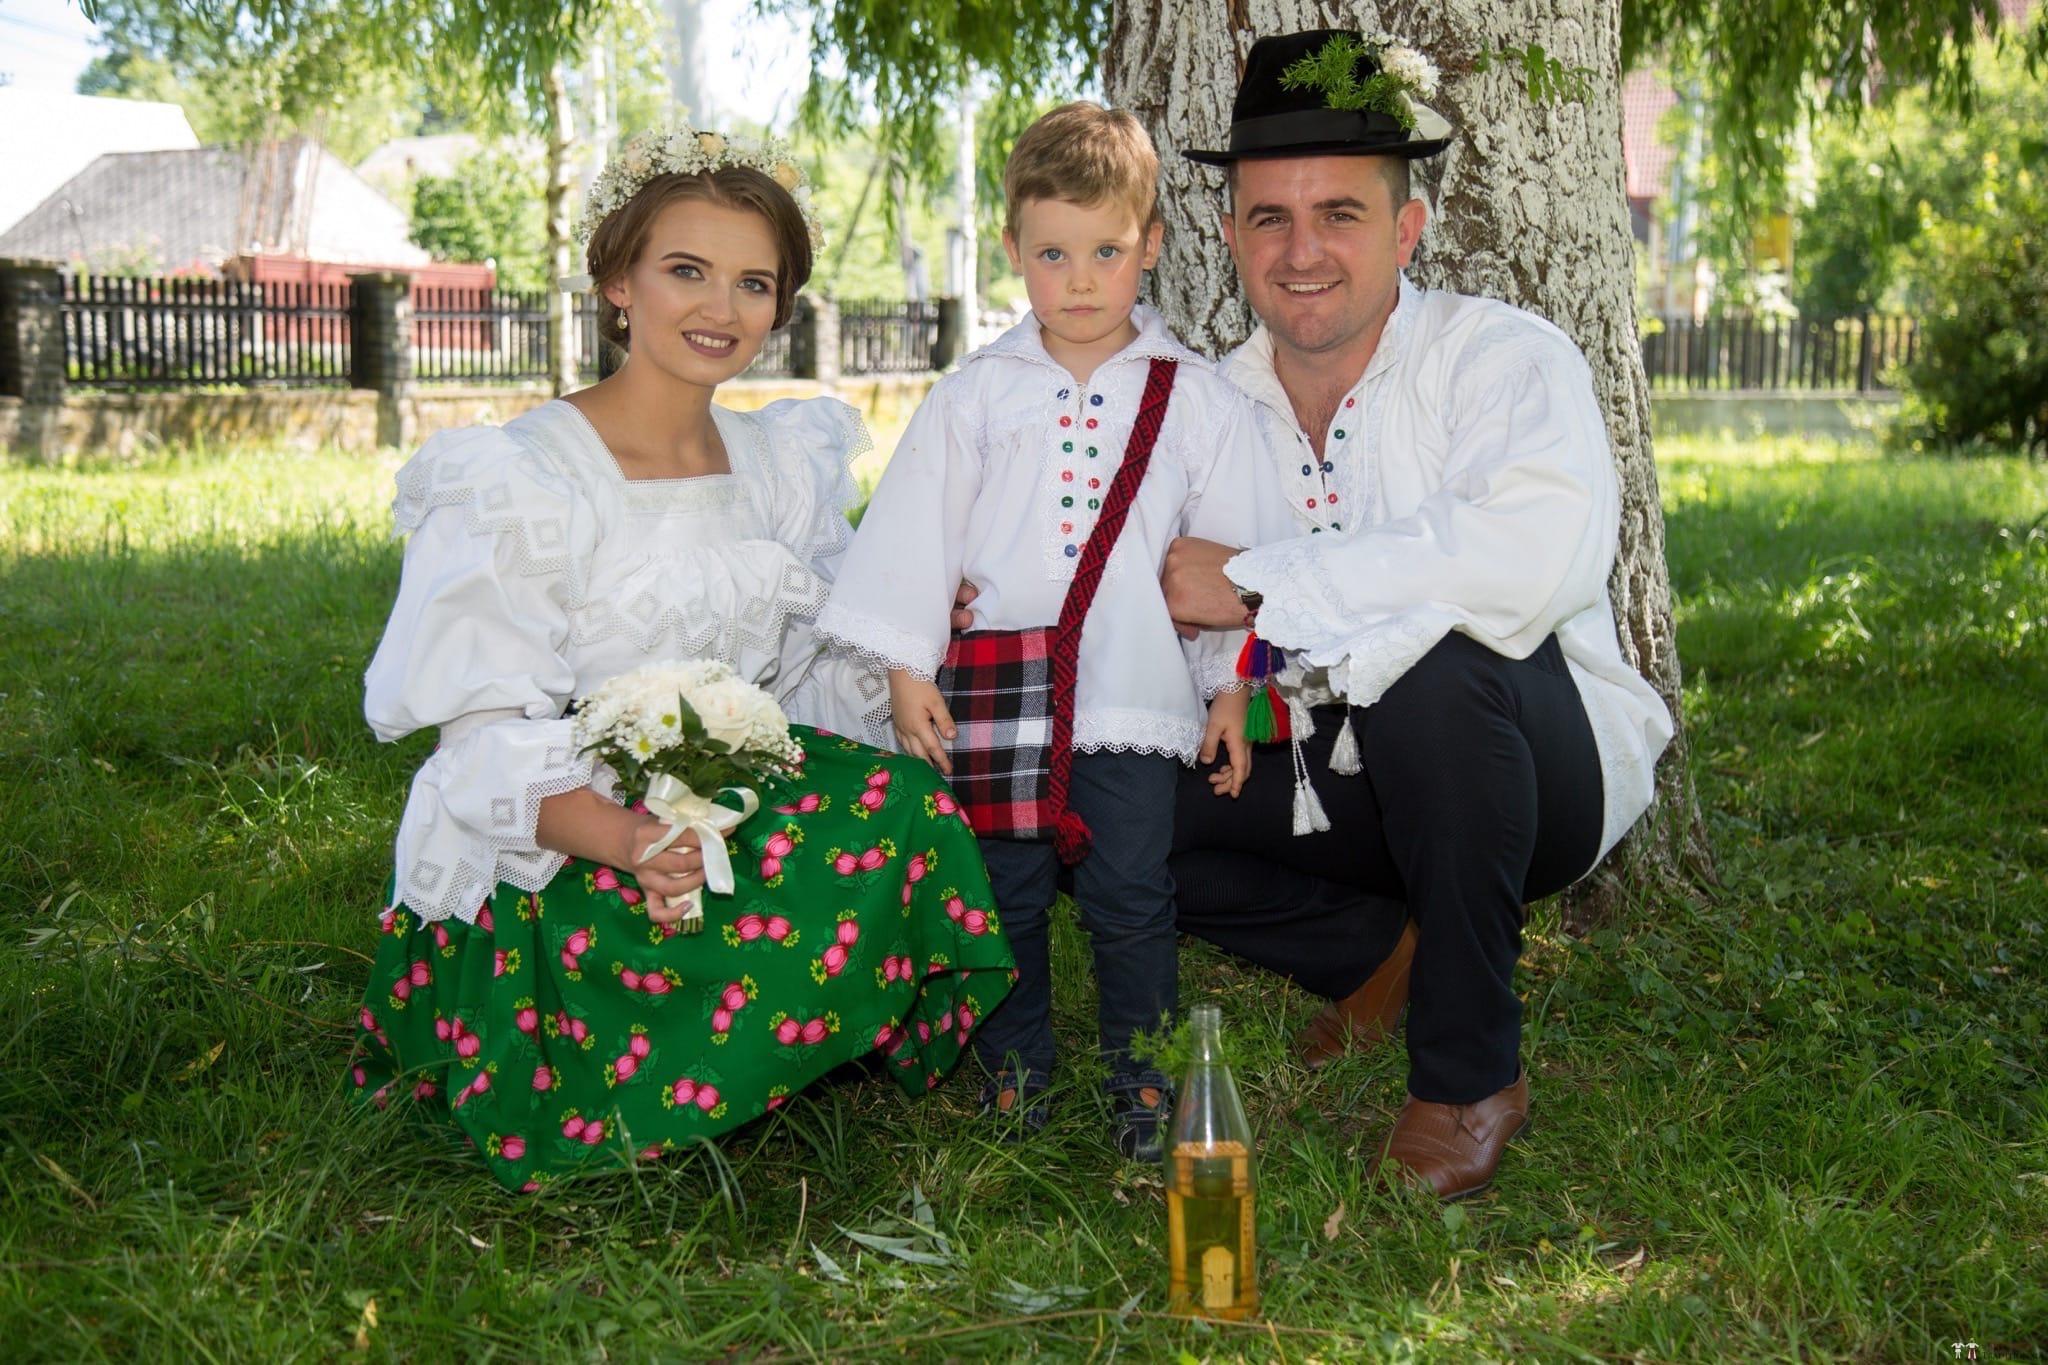 Povești Nunți Tradiționale - Ancuța și Nicu, cununie tradițională în Giulești, Maramureș 33